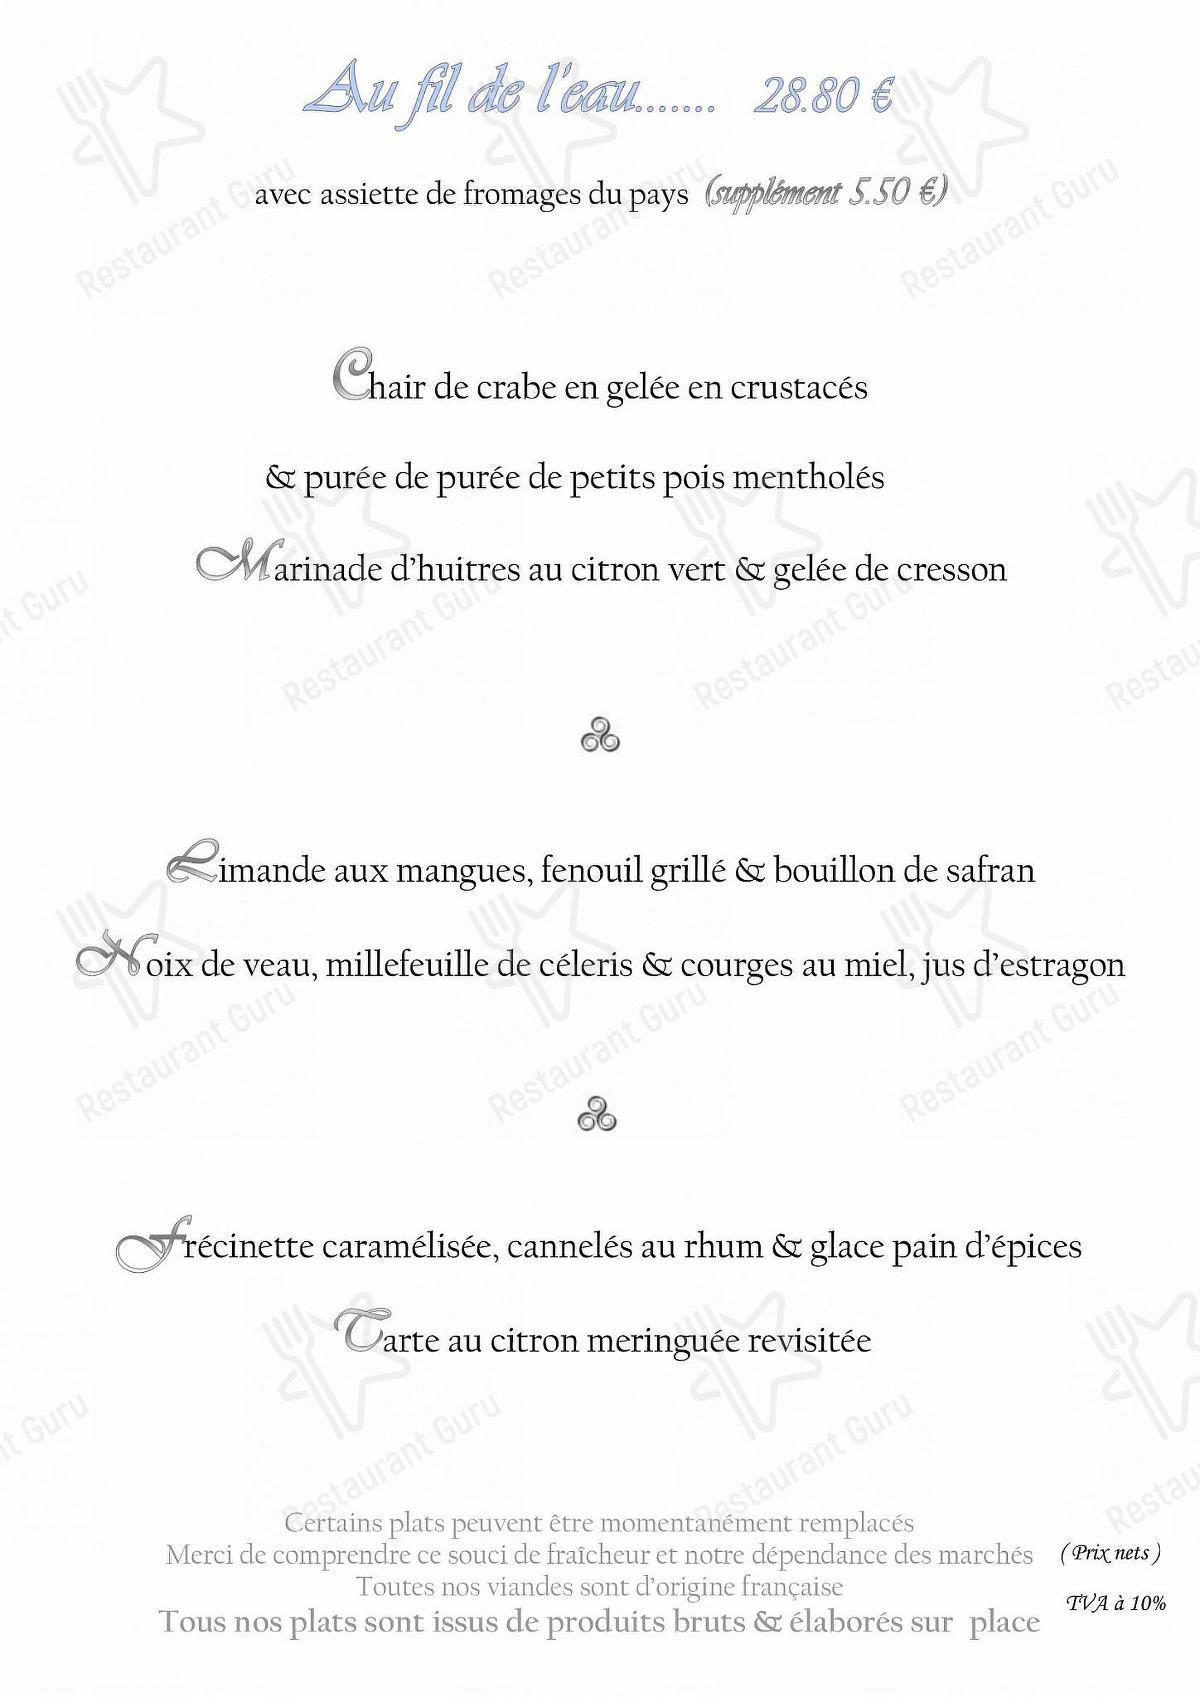 Меню L'Eau d'Oust - блюда и напитки